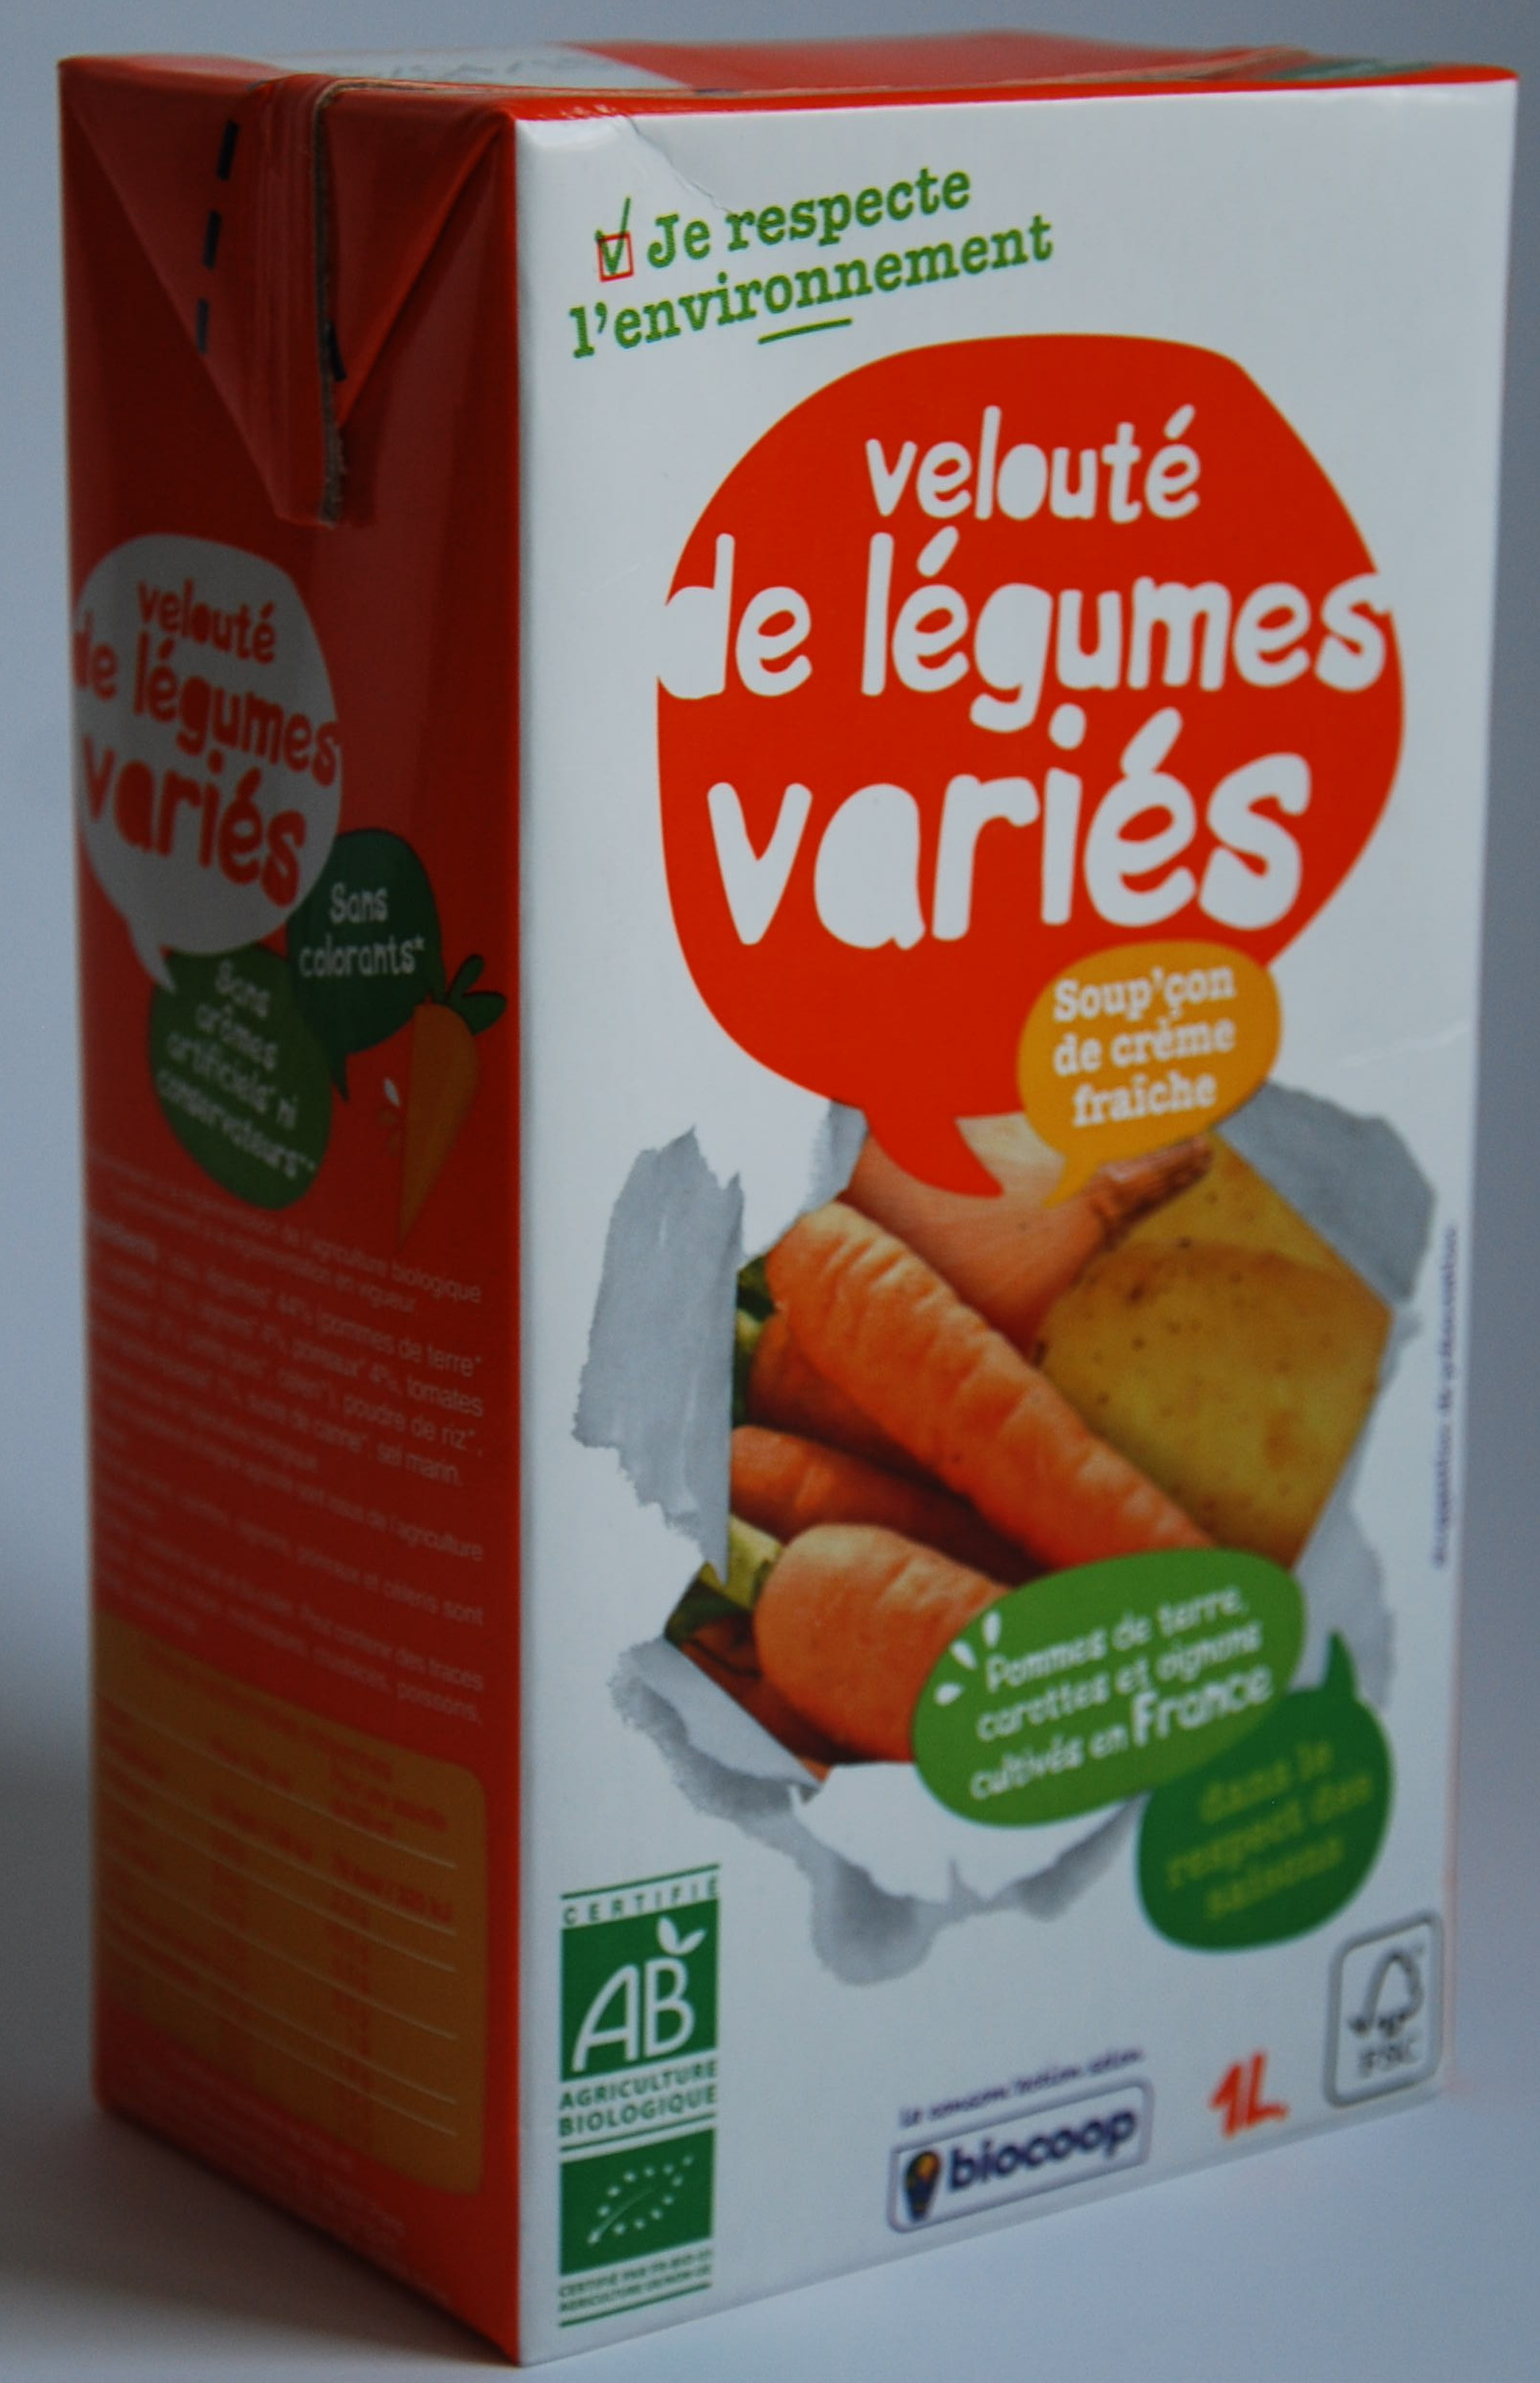 Velouté de légumes variés - Product